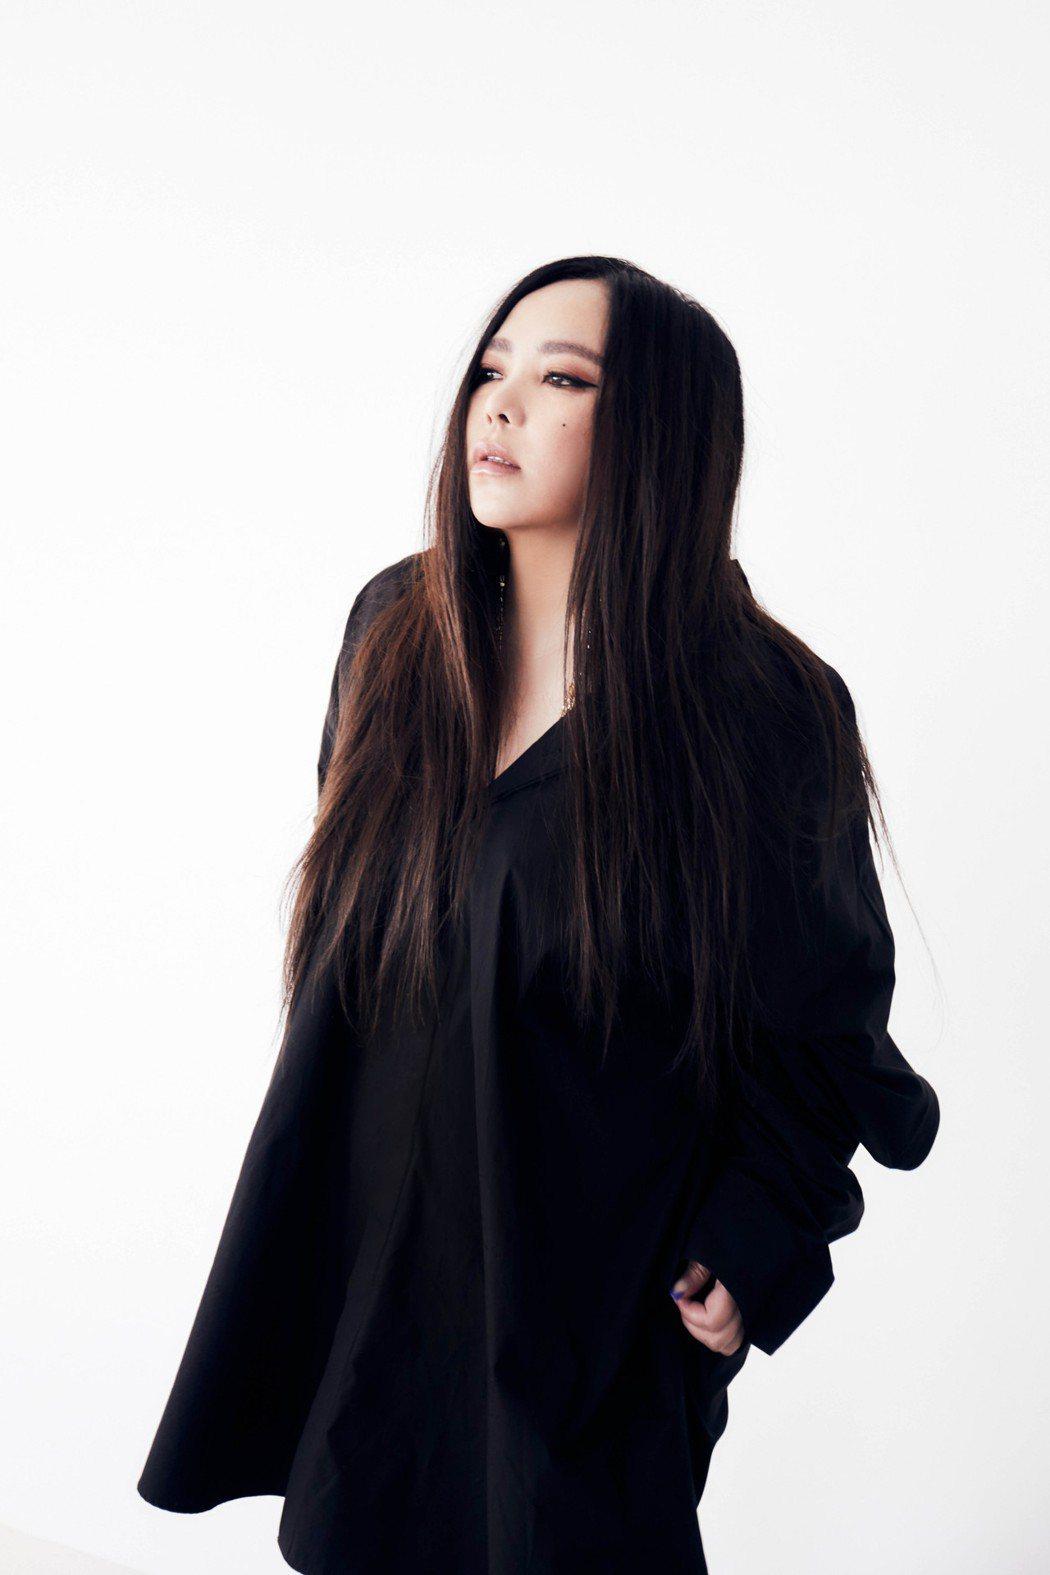 張惠妹無預警釋出新歌「緩緩」。圖/環球音樂提供